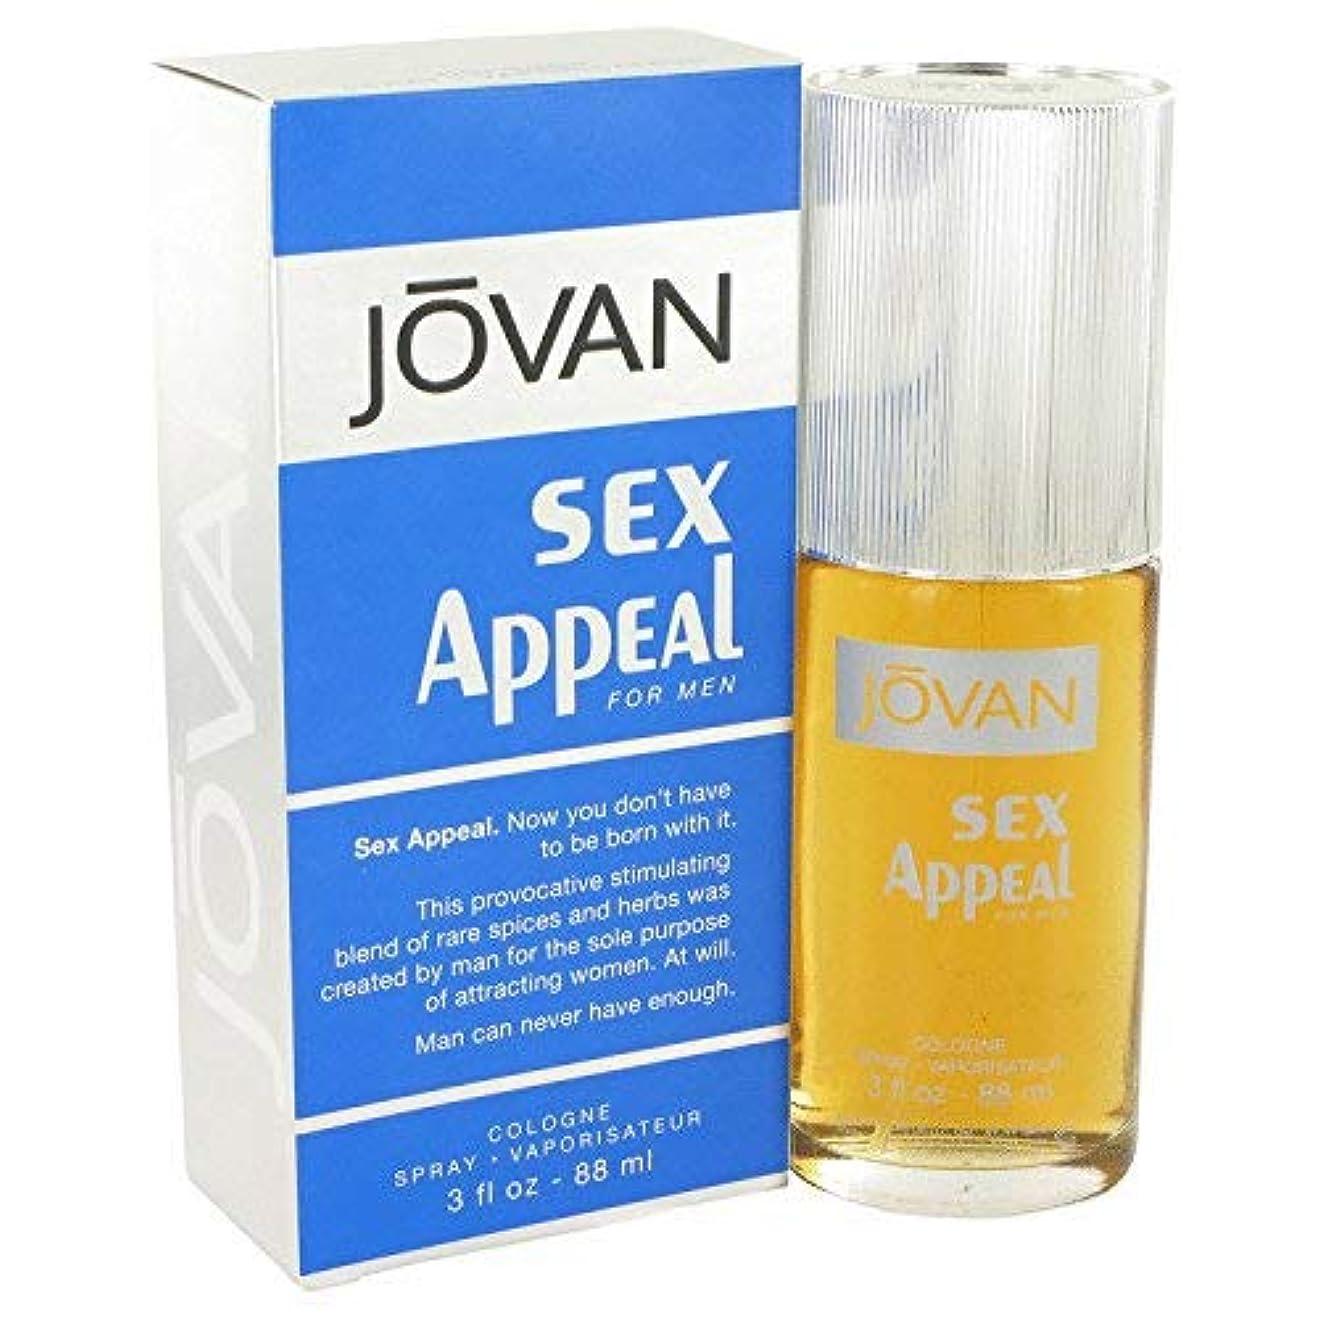 マーケティング窓を洗う喜劇ジョバン セックスアピール フォーメン EDC SP 88ml